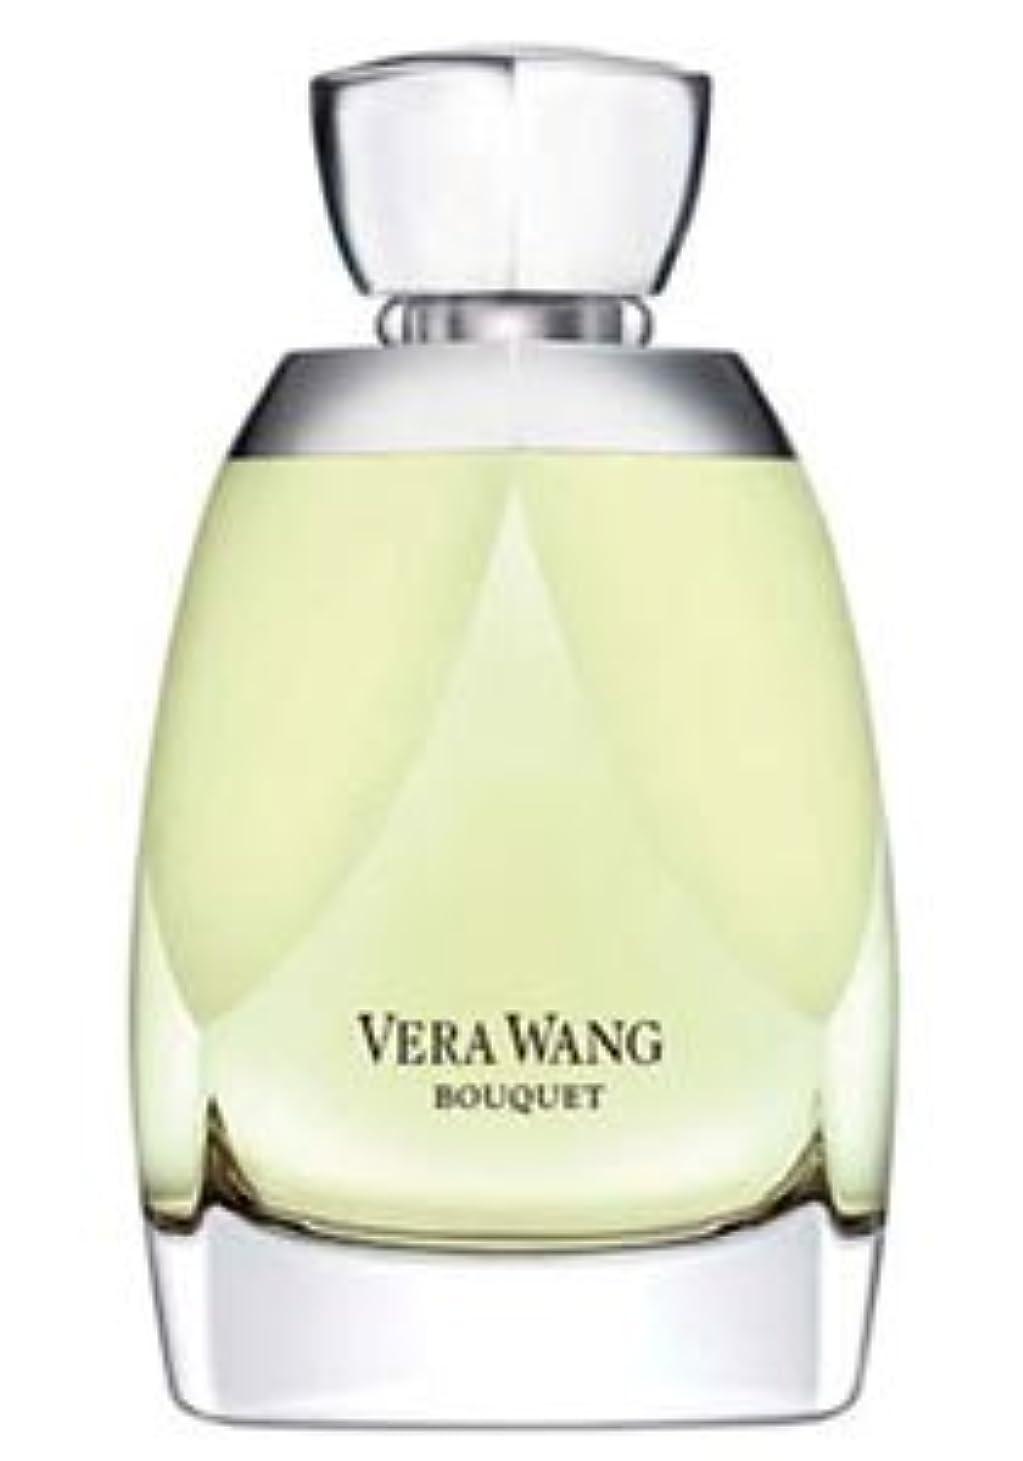 アレルギー性ぬれたすみません[ヴェラ ウォン] ヴェラ ウォン ブーケ 100 ml EDP SP